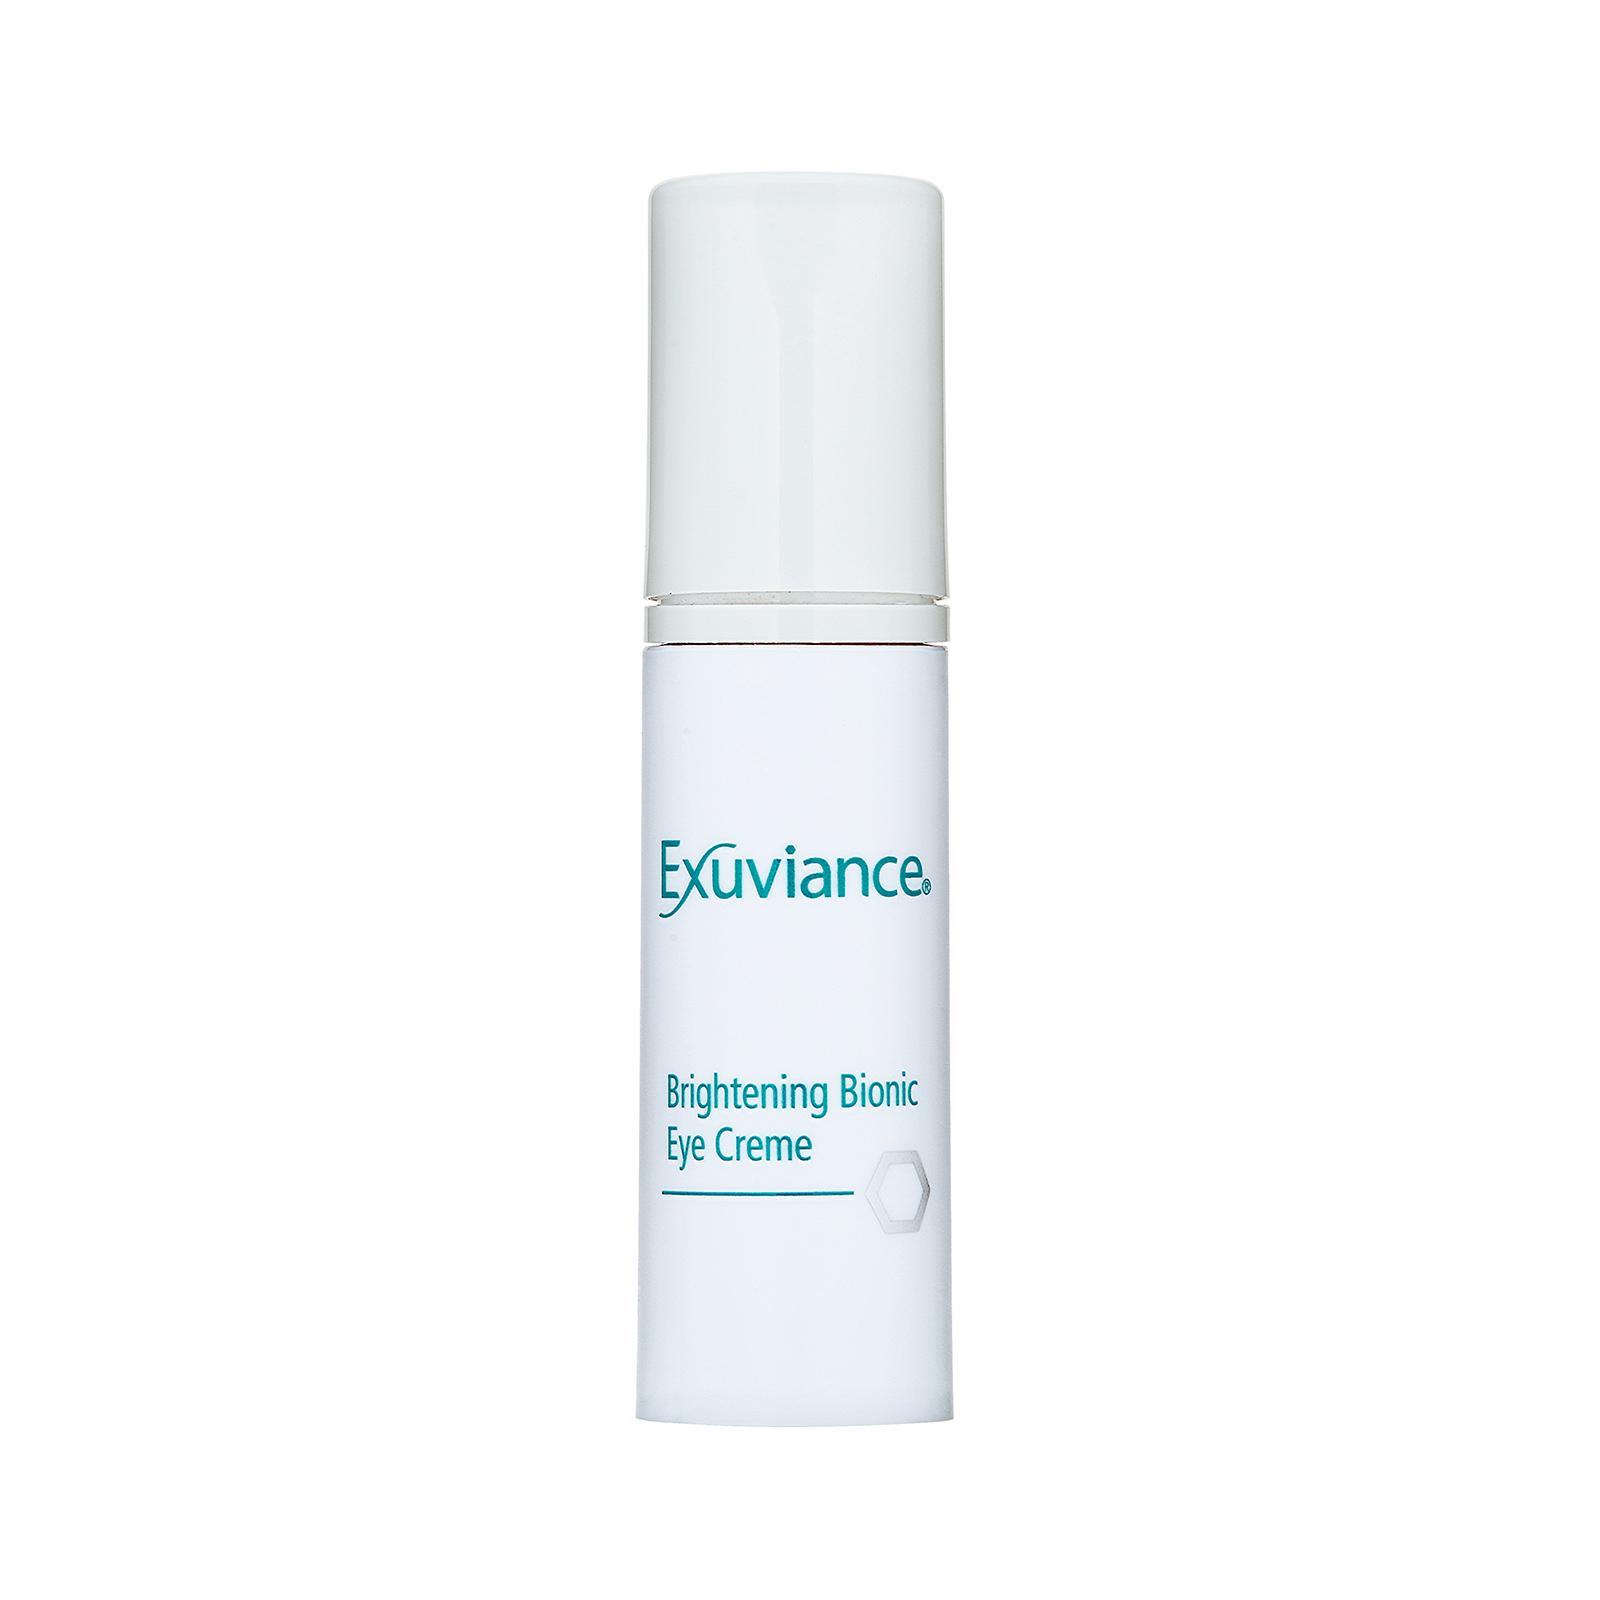 Exuviance  Brightening Bionic Eye Cream 0.5oz, 14g